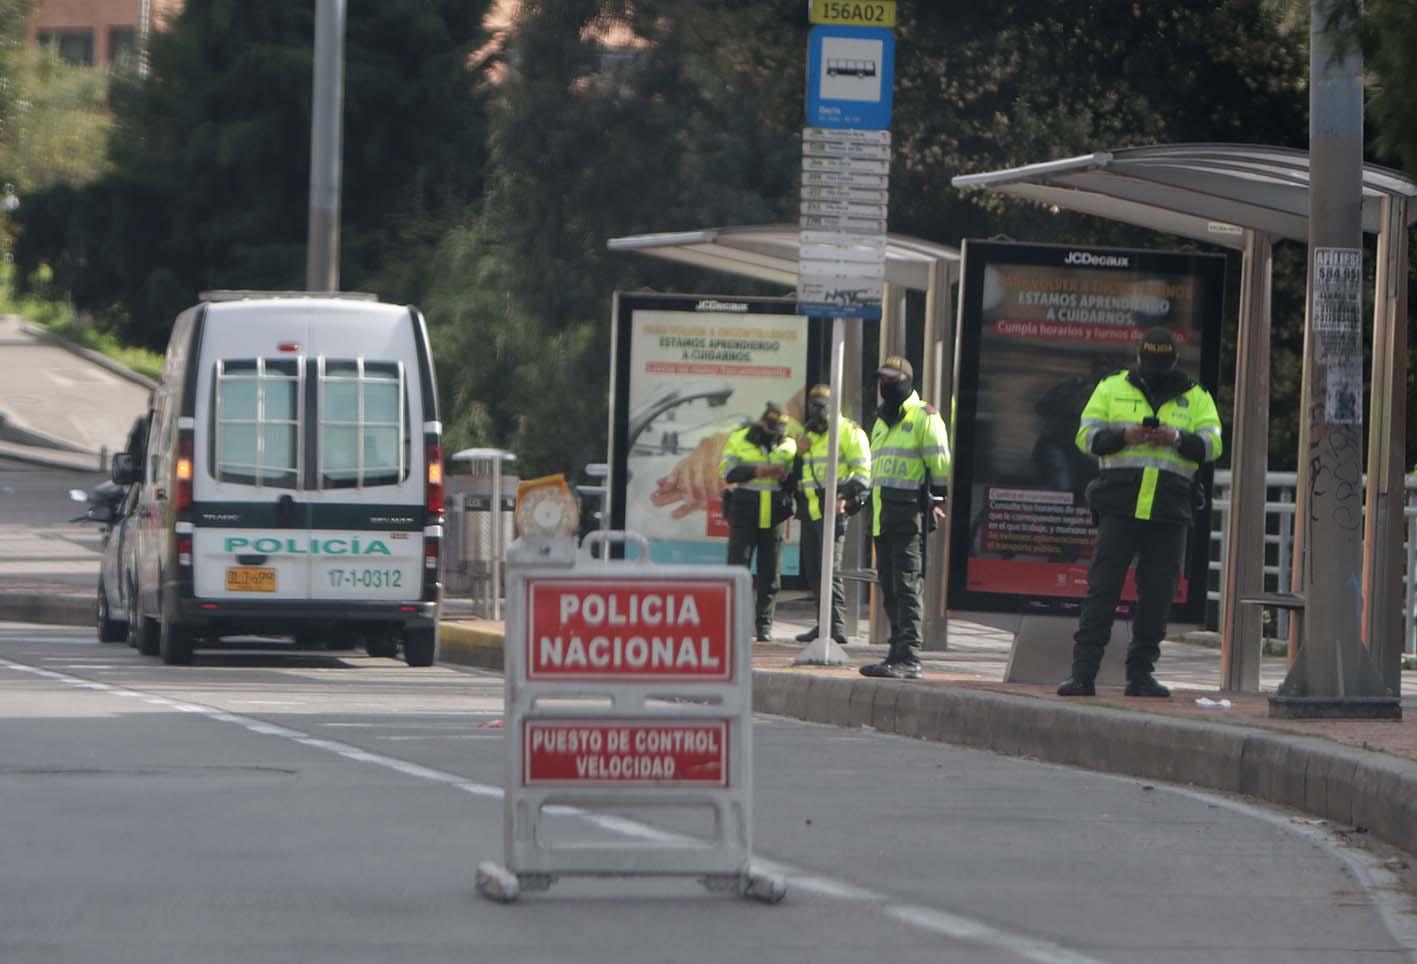 Toque de queda en Bogotá: Van más de 230 comparendos en primeras horas | RCN Radio